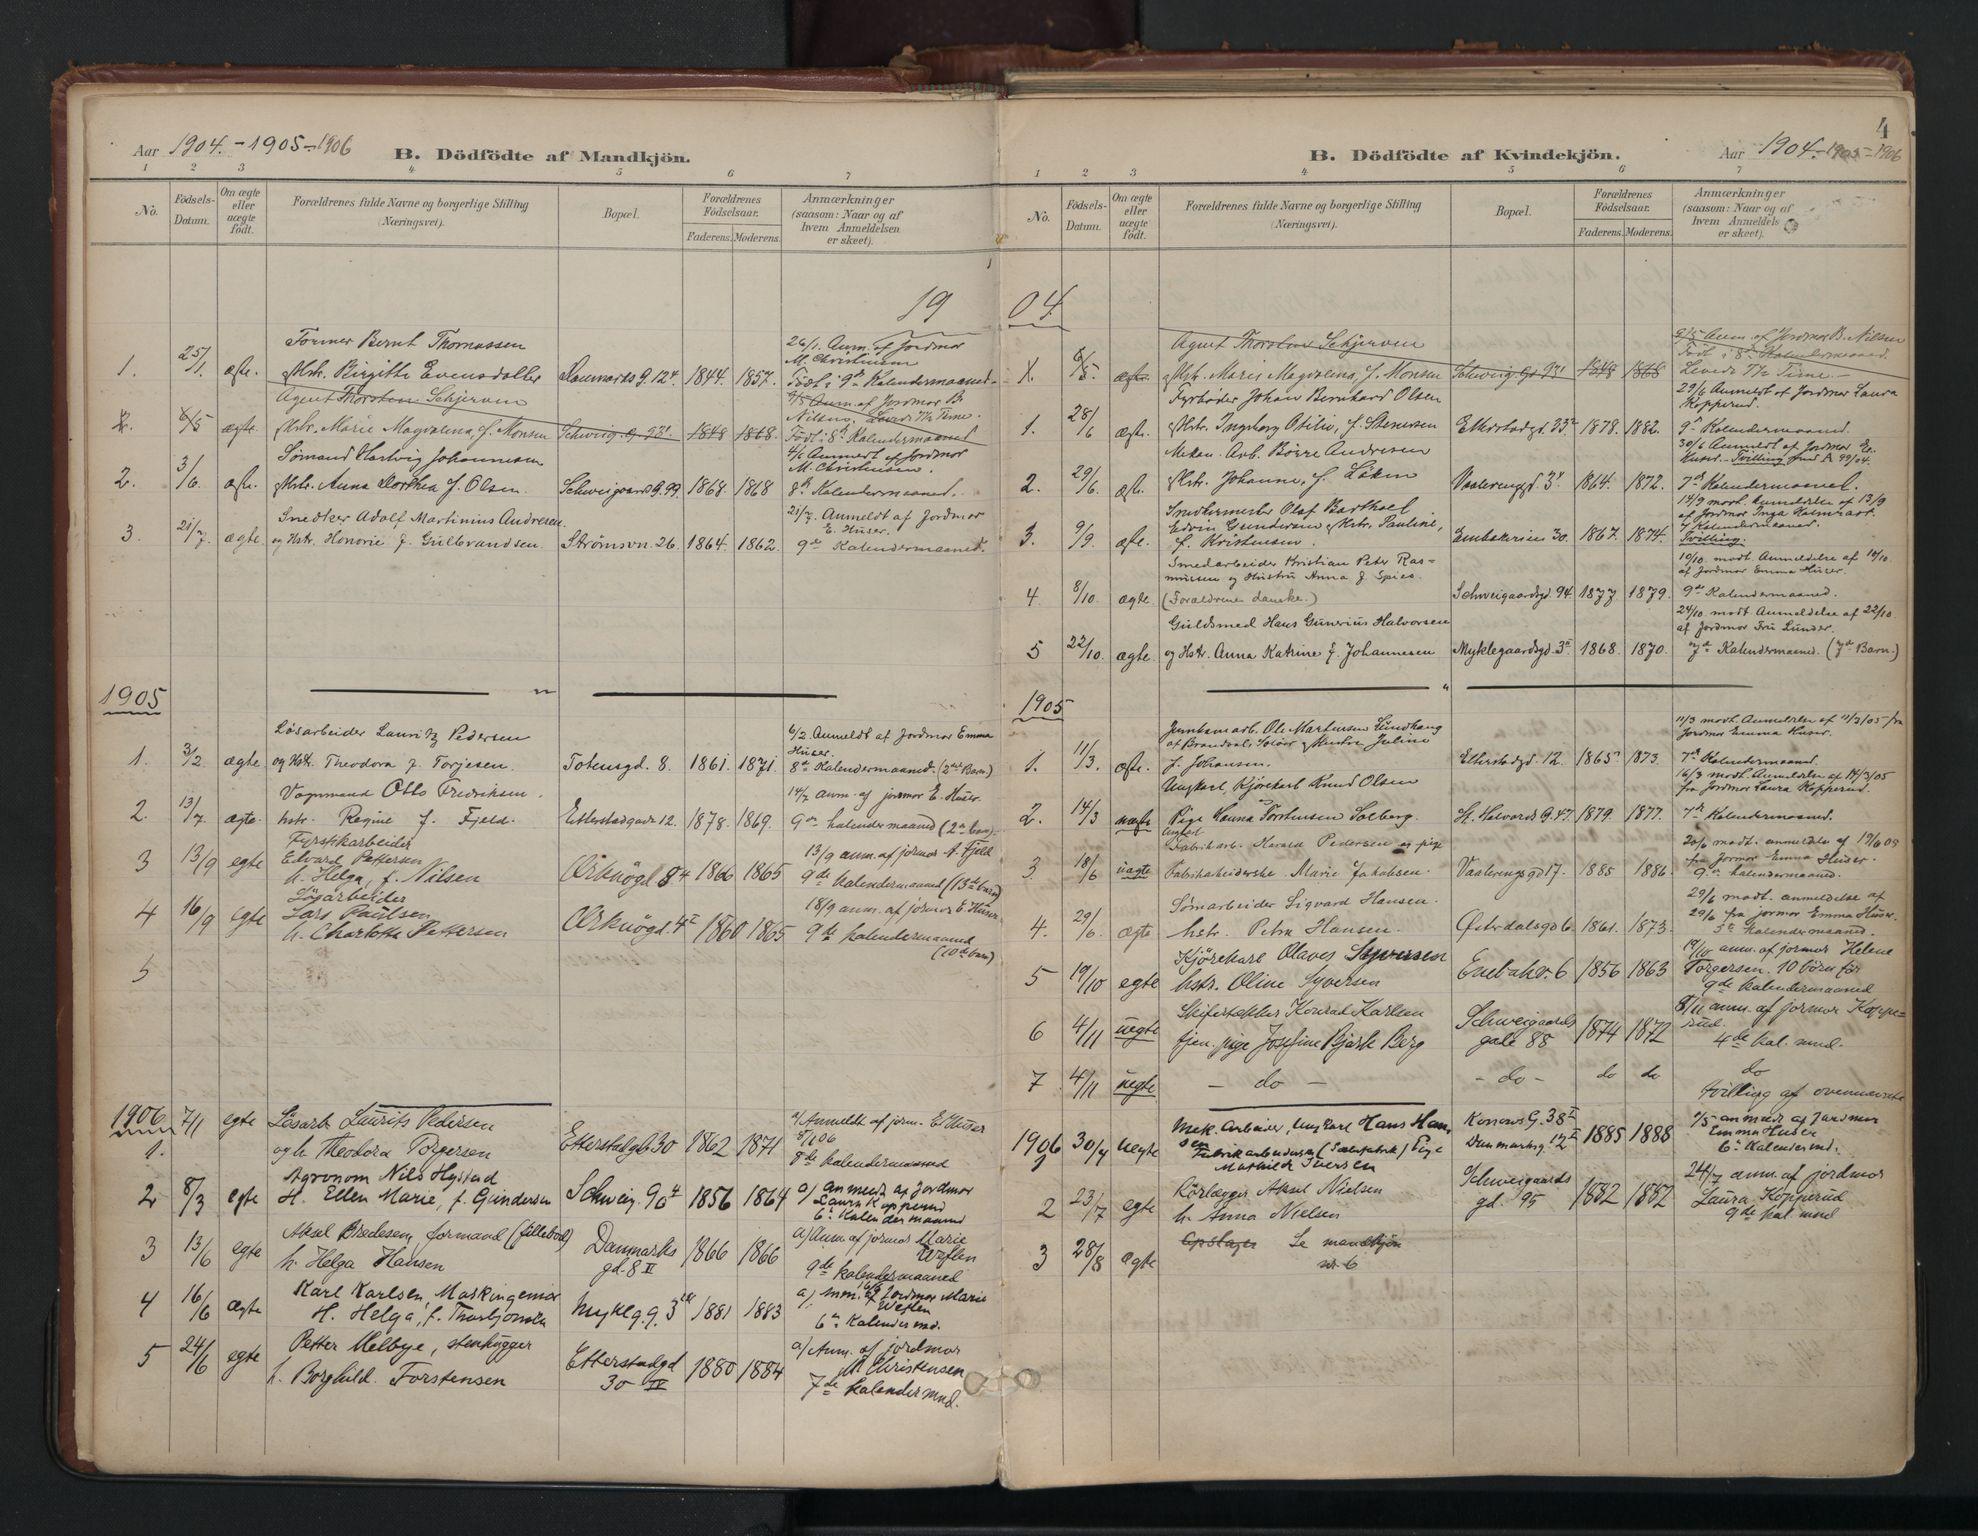 SAO, Vålerengen prestekontor Kirkebøker, F/Fa/L0003: Ministerialbok nr. 3, 1899-1930, s. 4